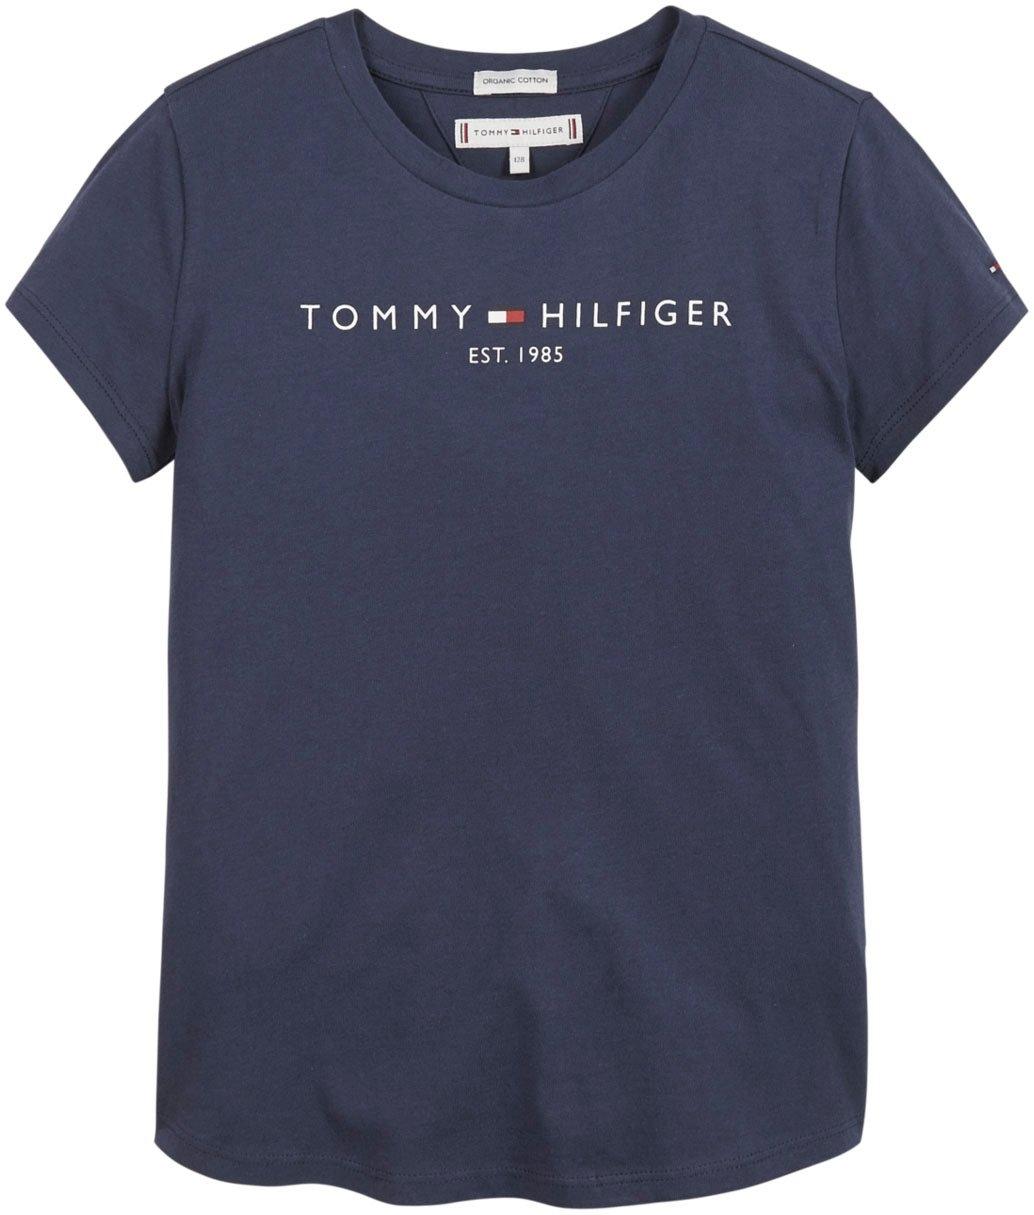 Tommy Hilfiger T-shirt ESSENTIAL TEE S/S nu online kopen bij OTTO